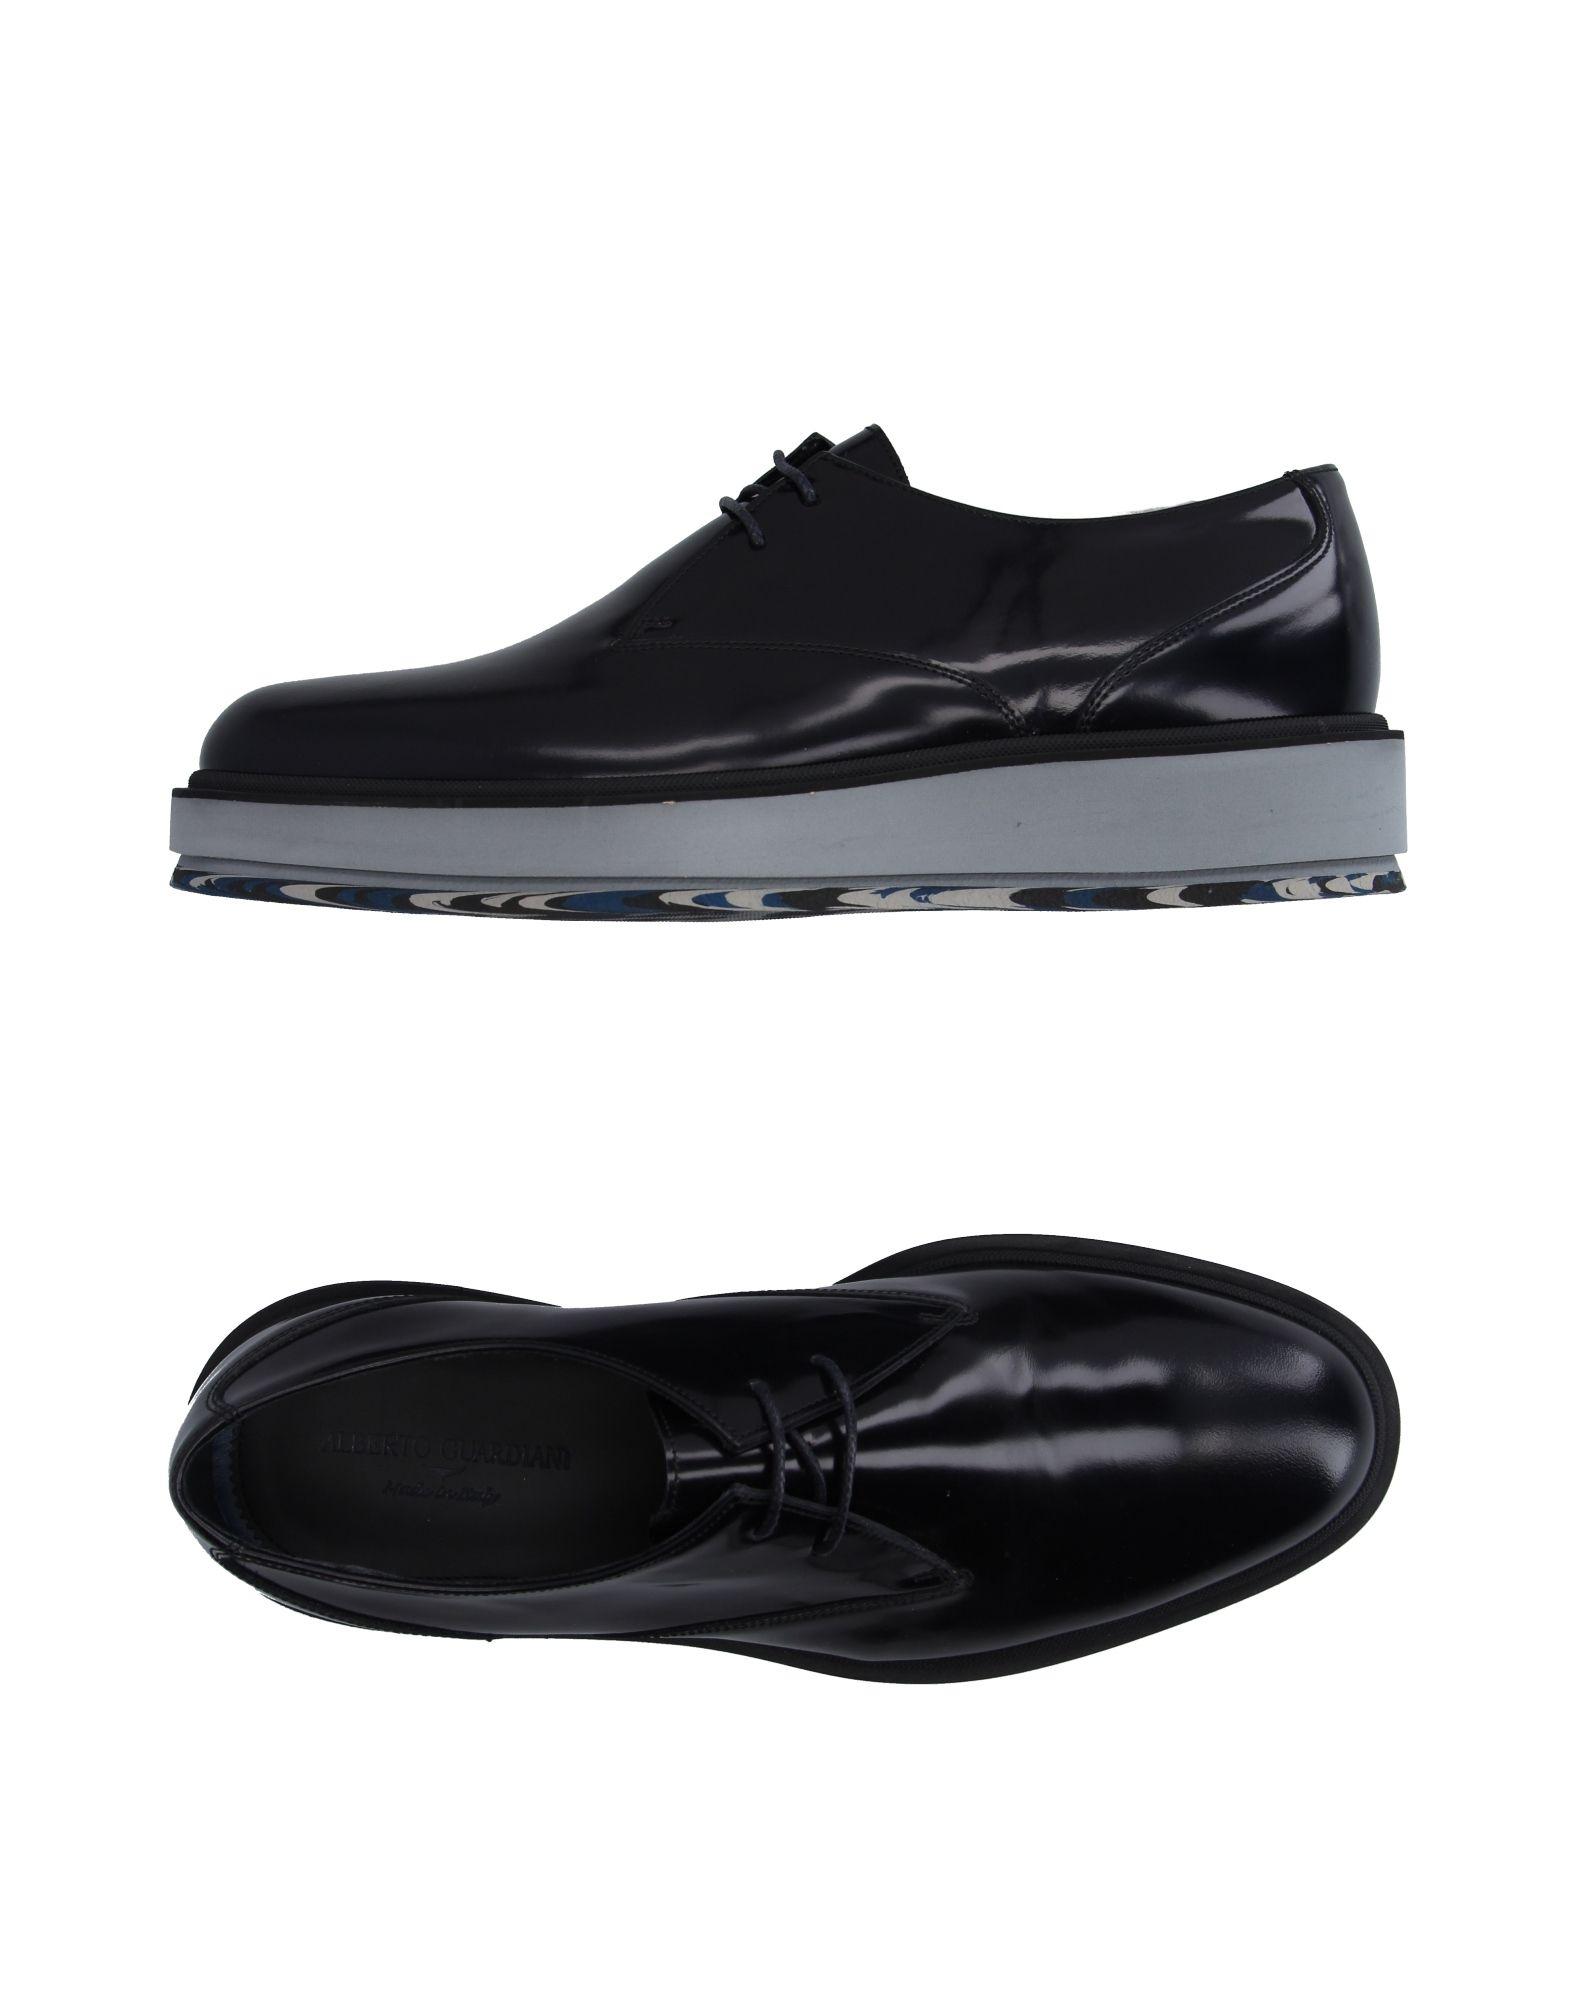 Alberto Guardiani Schnürschuhe Herren beliebte  11182511OM Gute Qualität beliebte Herren Schuhe a1acbe